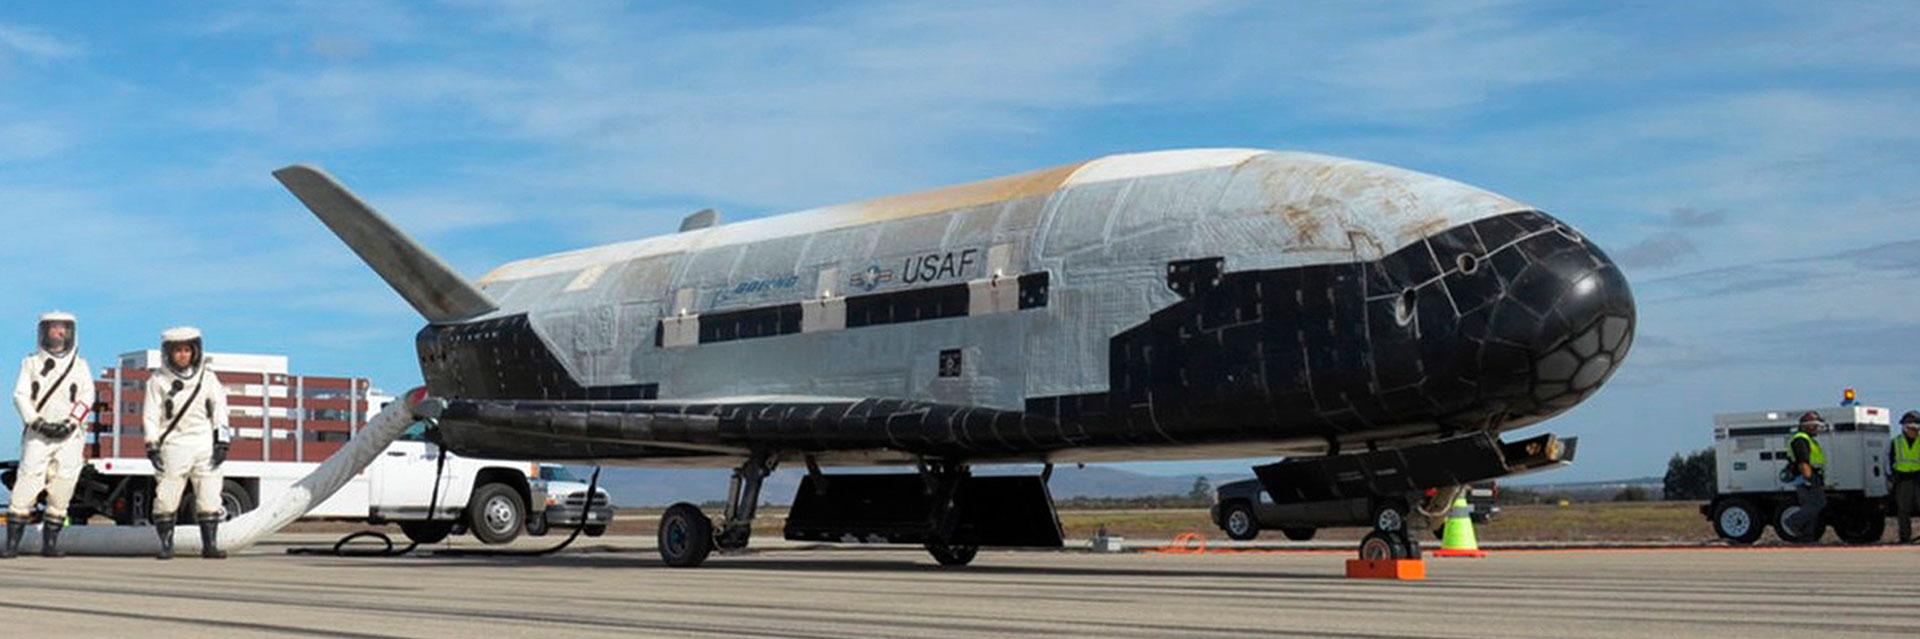 La nave espacial no tripulada X-37B, desarrollada por Boeing (AP)